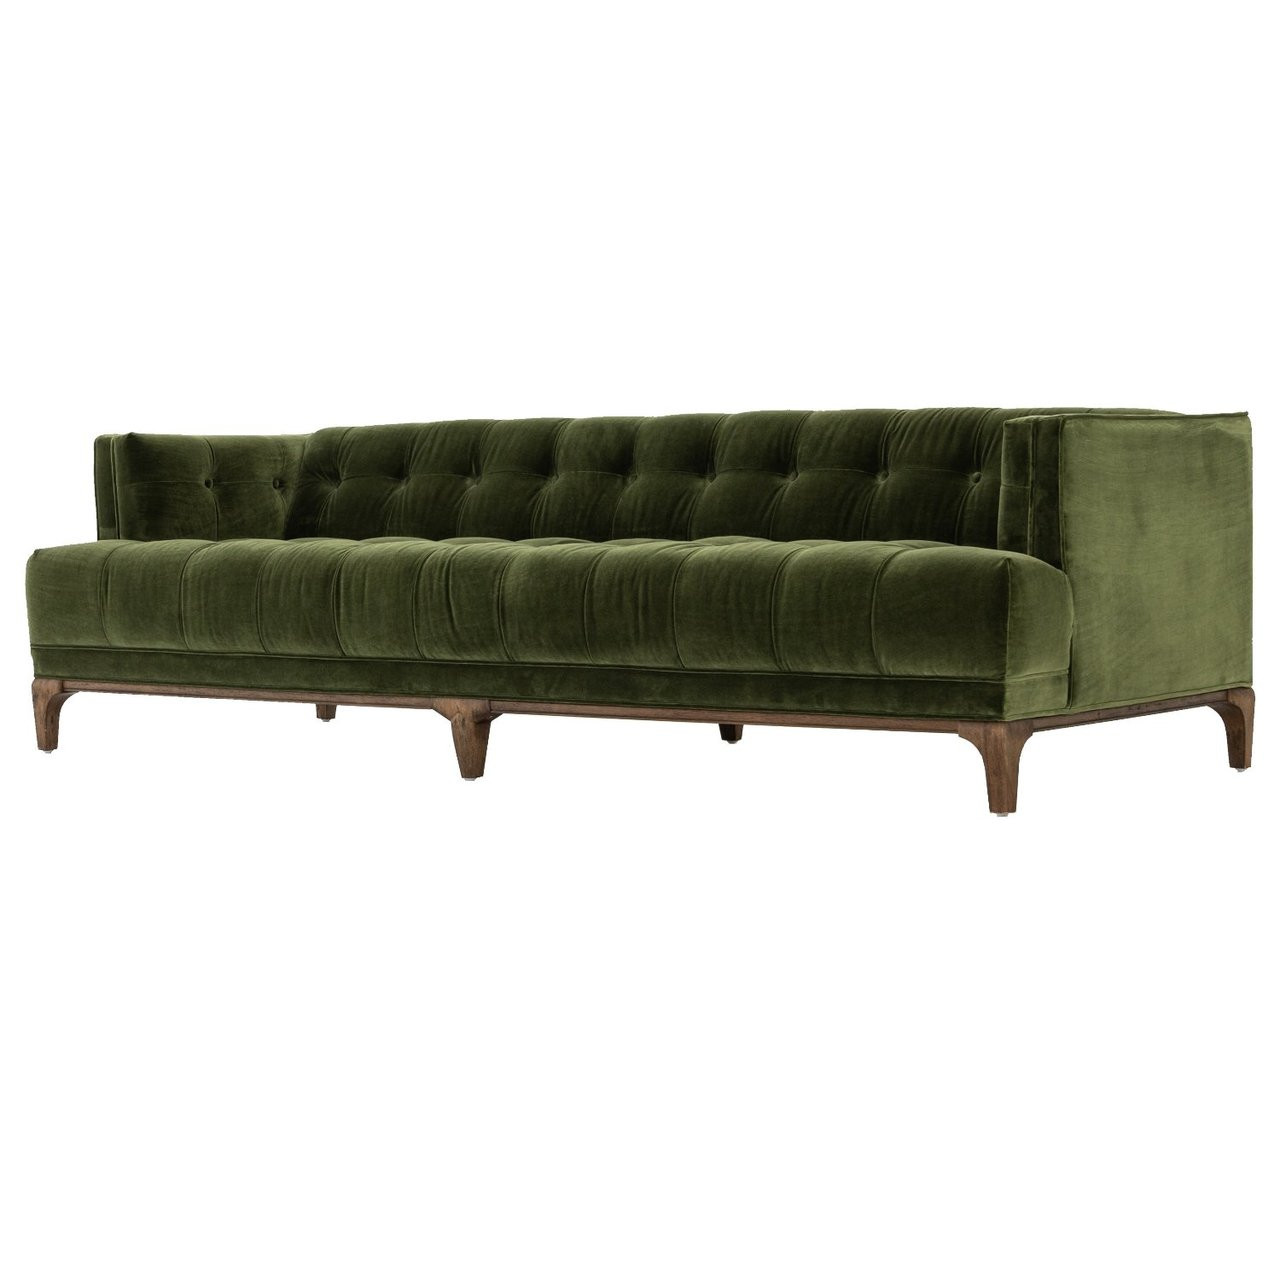 Merveilleux Dylan Mid Century Modern Olive Green Velvet Tufted Sofa